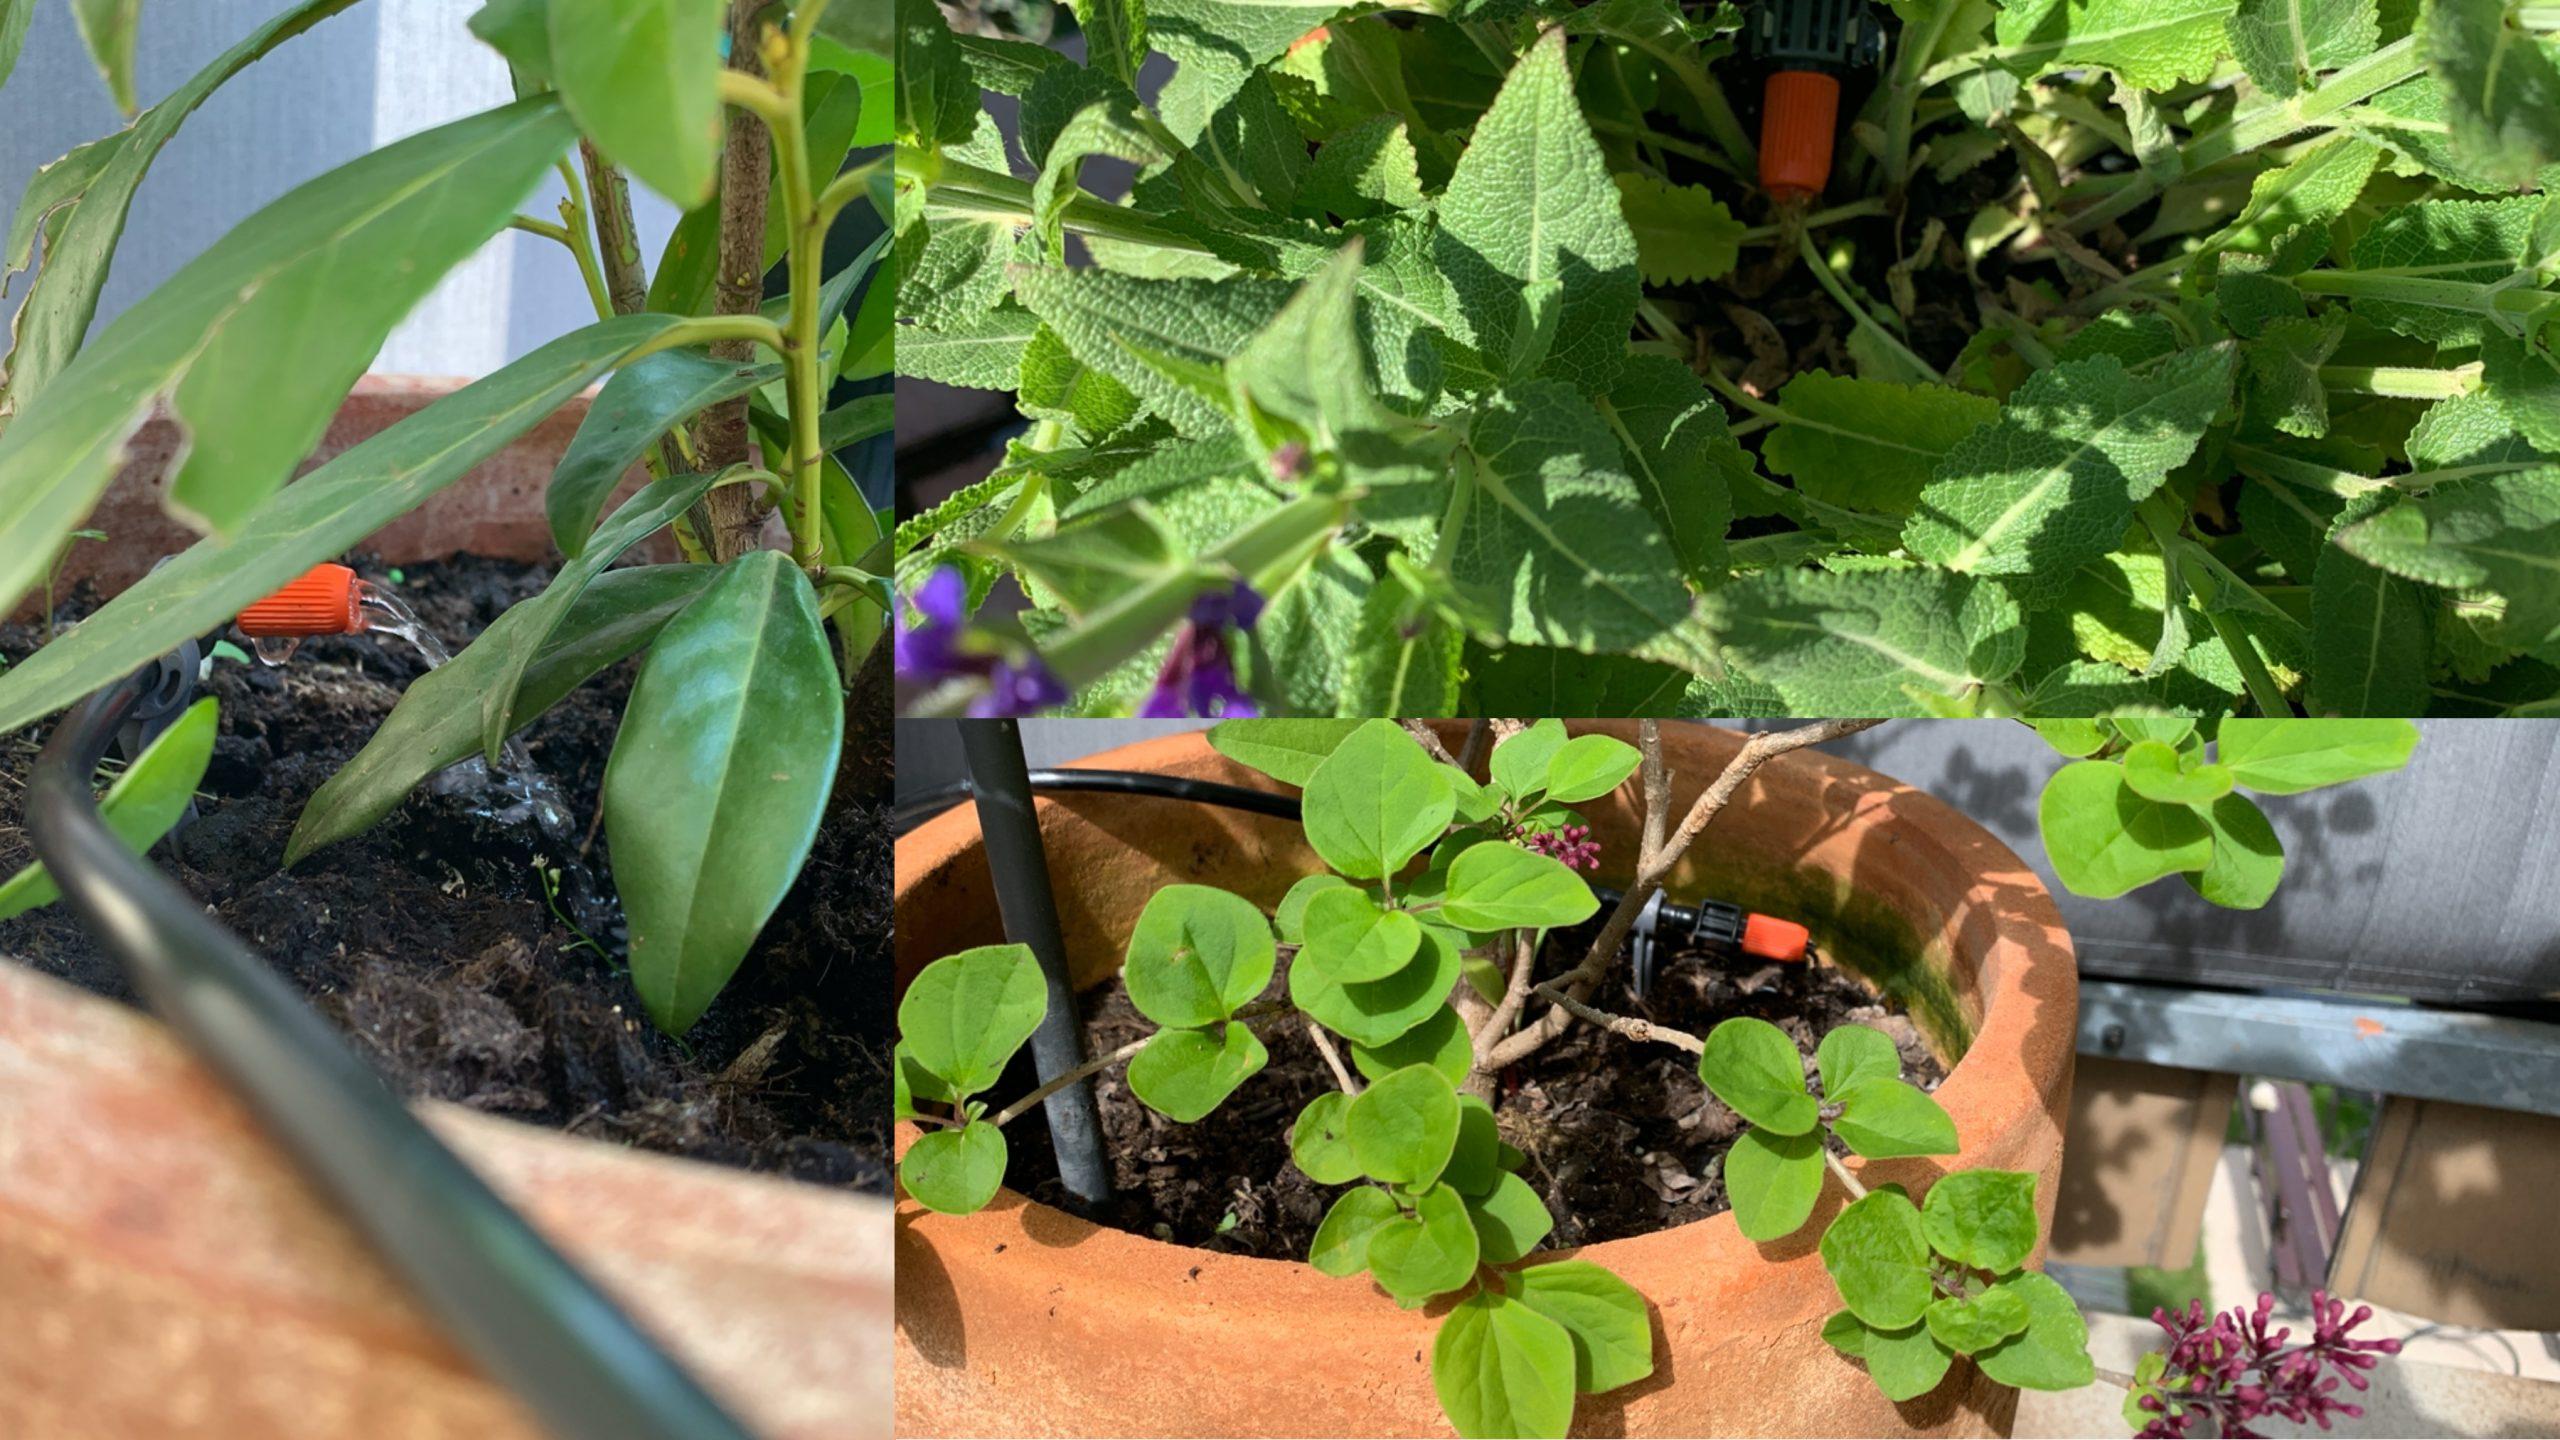 Pflanzen-auf-BalkonTerrasse-automatisiert-mit-Apple-HomeKit-bewässern1-scaled Pflanzen auf Balkon/Terrasse automatisiert mit Apple HomeKit bewässern